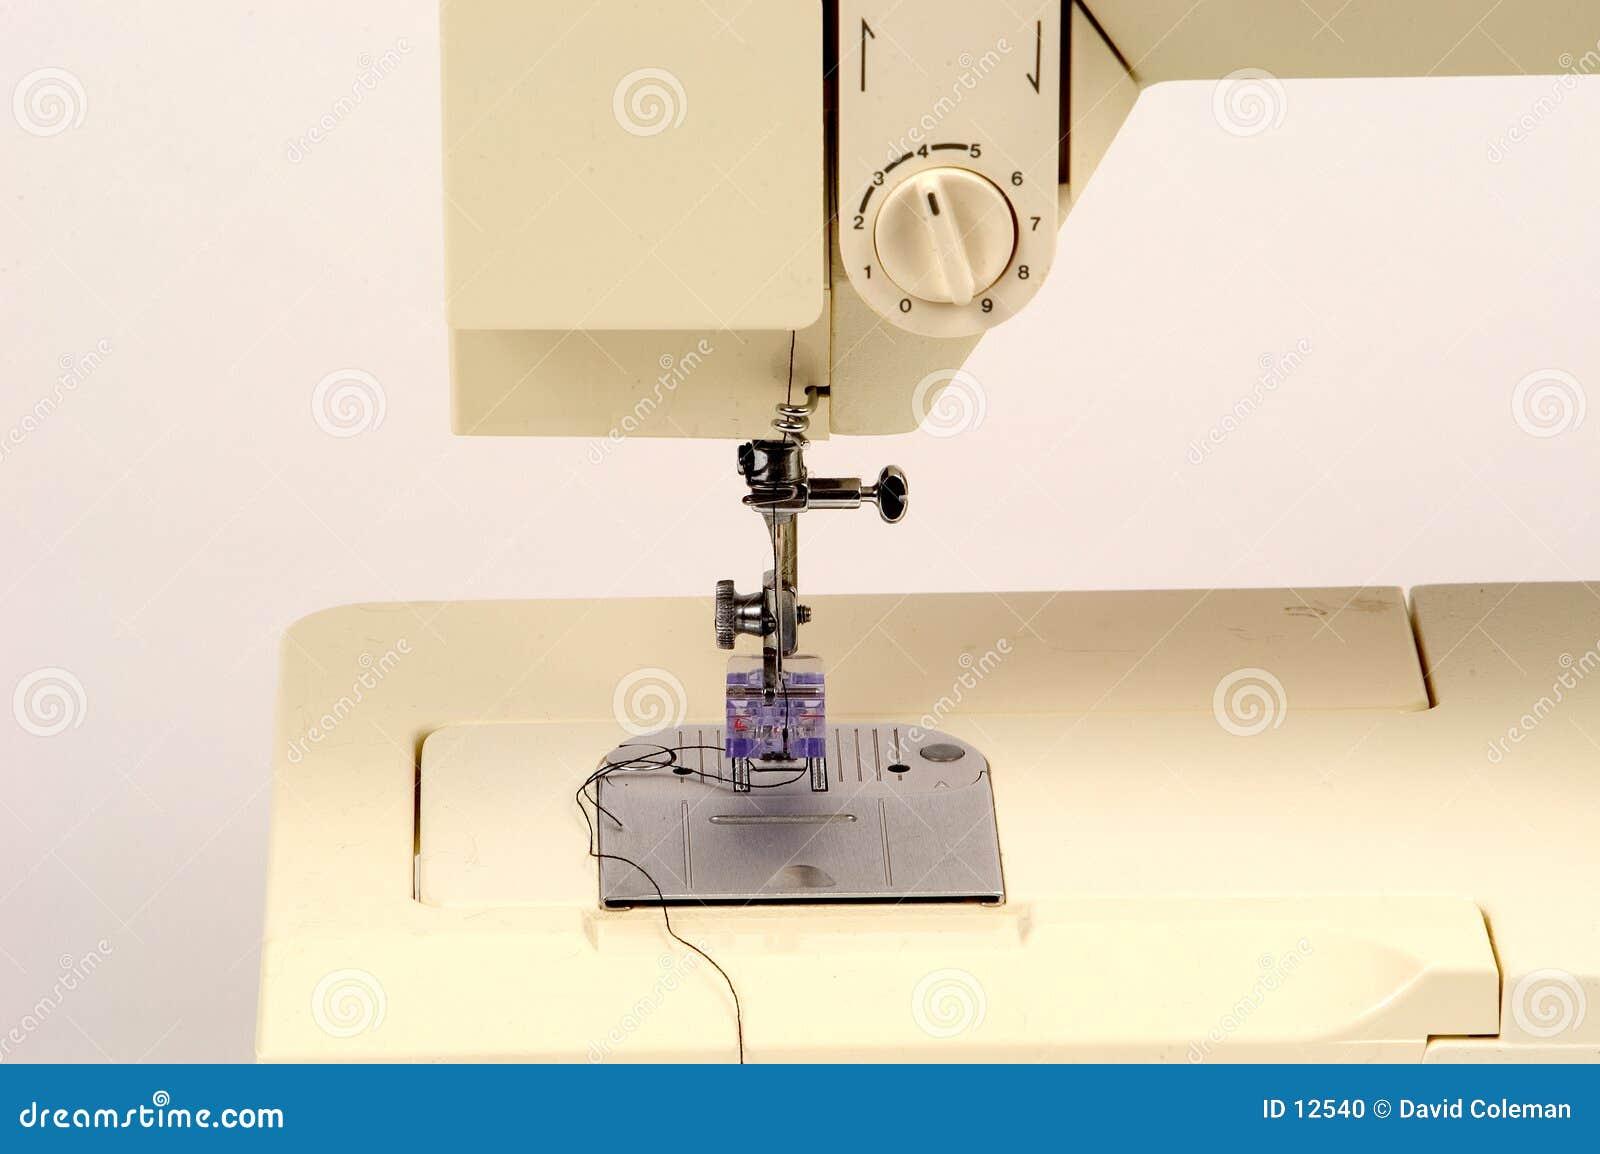 Particolare della macchina per cucire